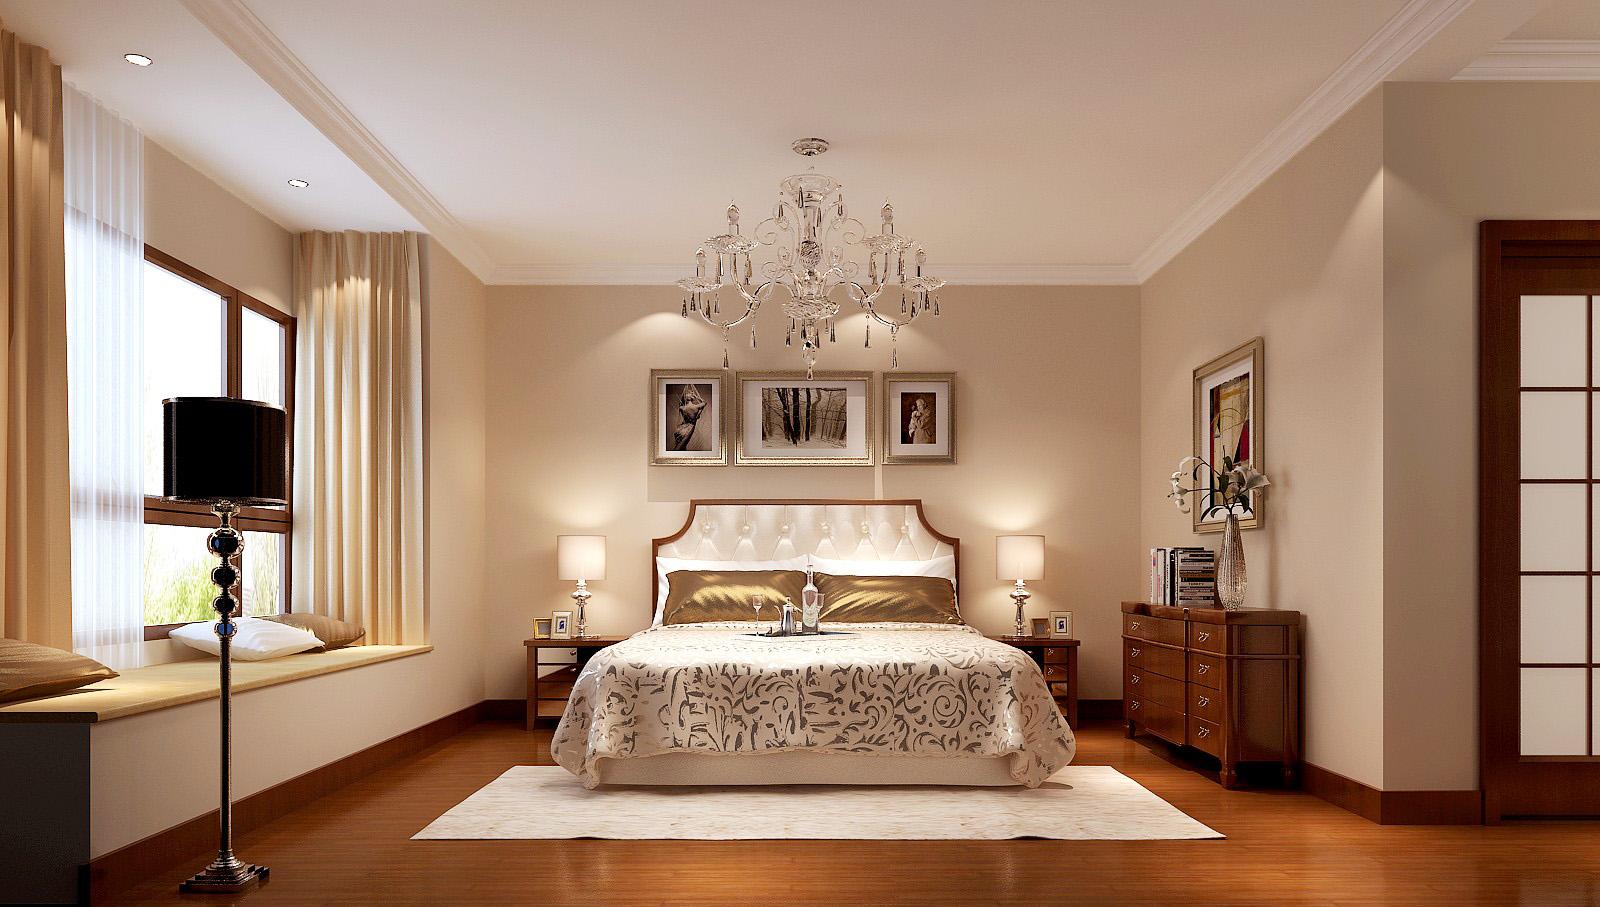 香悦四季 高度国际 公寓 简约 欧式 白领 80后 白富美 高富帅 卧室图片来自北京高度国际装饰设计在香悦四季的分享